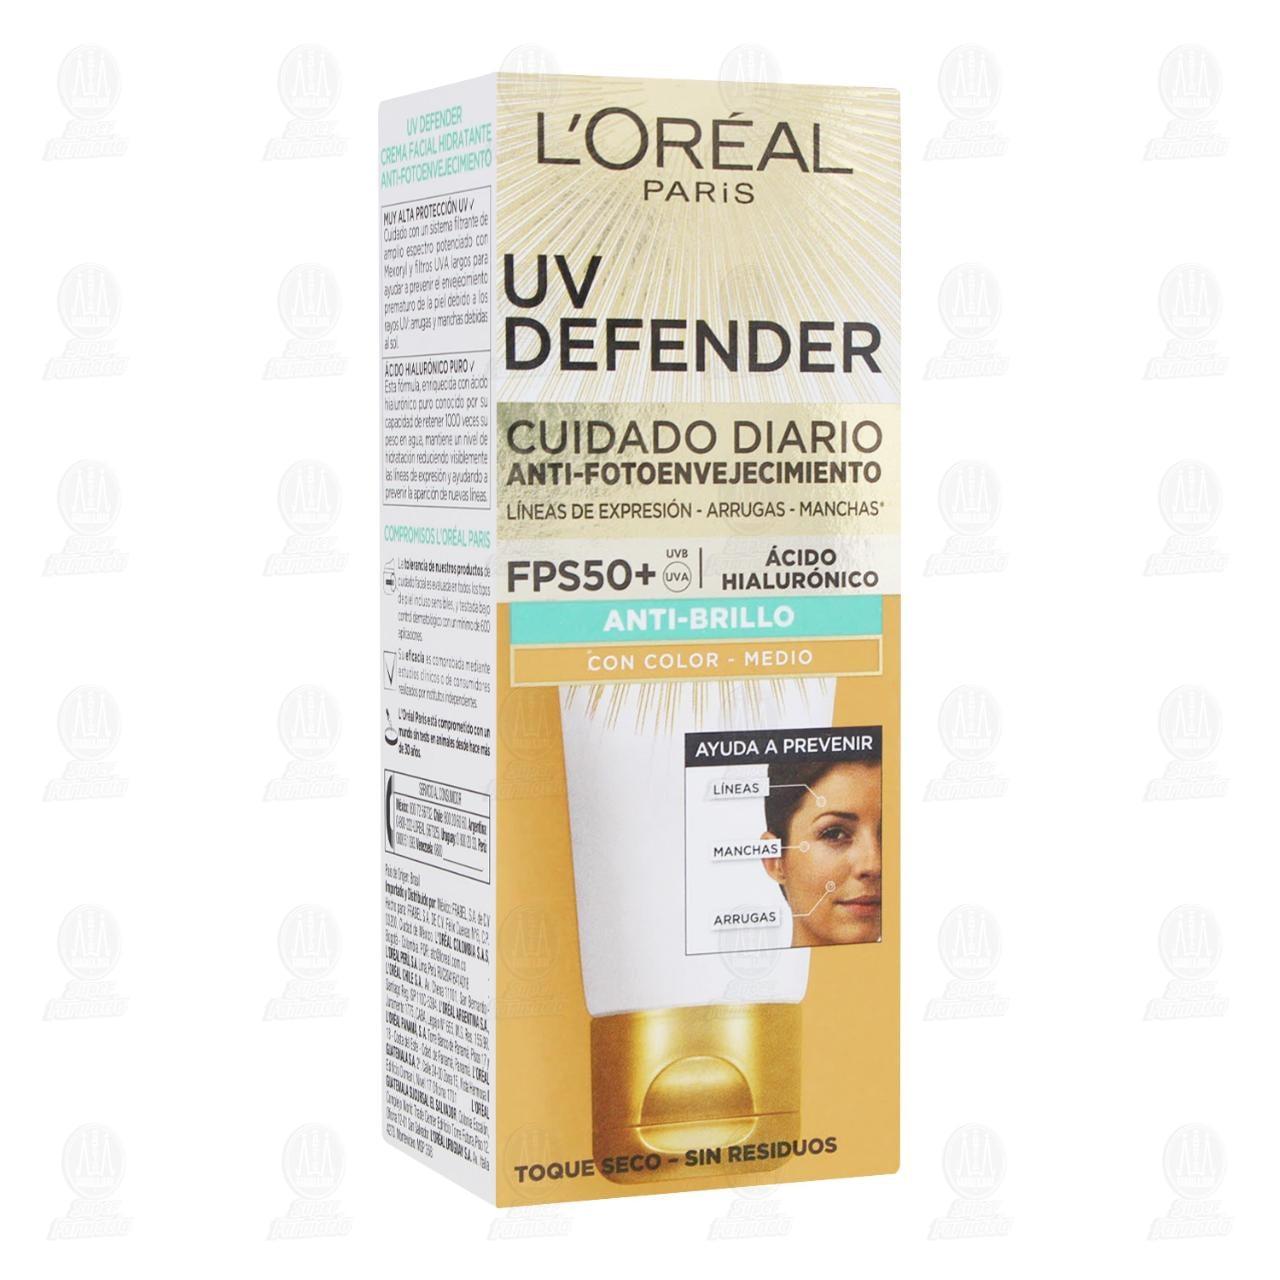 Comprar Crema Facial L'Oréal Paris UV Defender Anti-Brillo con Color Medio, 40 gr. en Farmacias Guadalajara